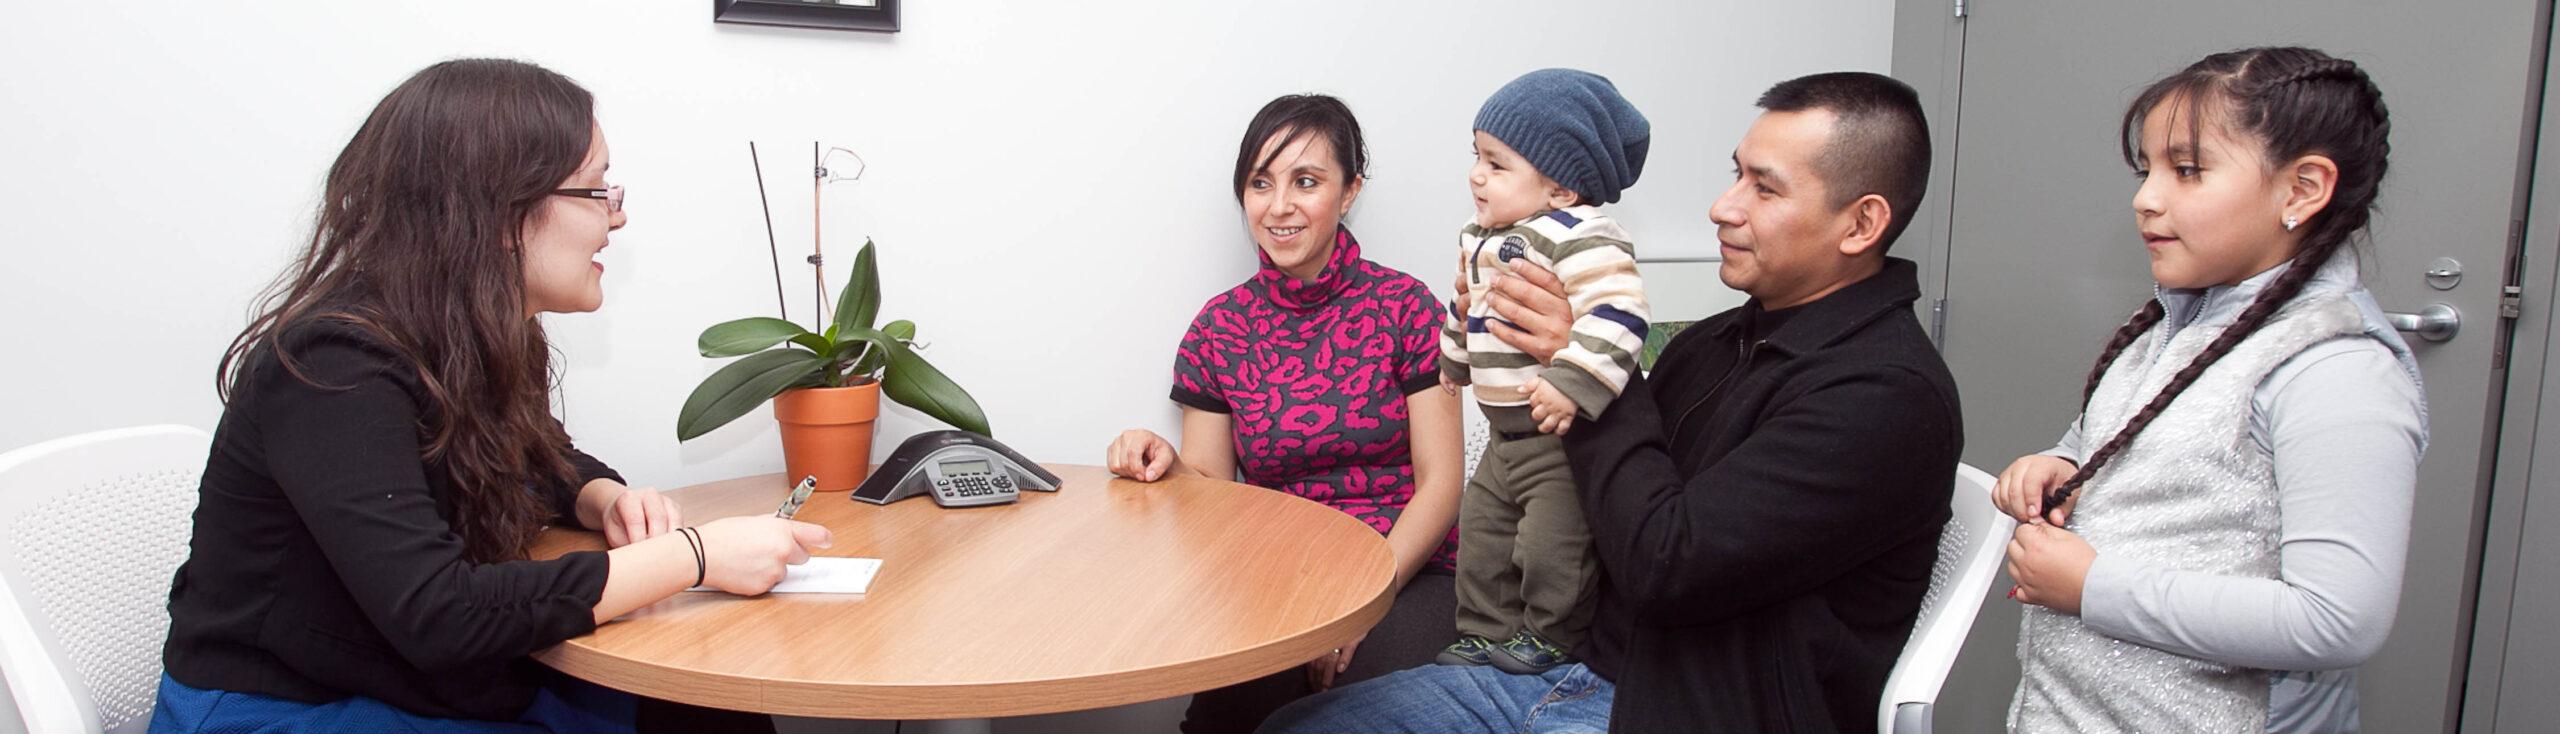 Håndteringen af underretninger hos minoritetsbørn